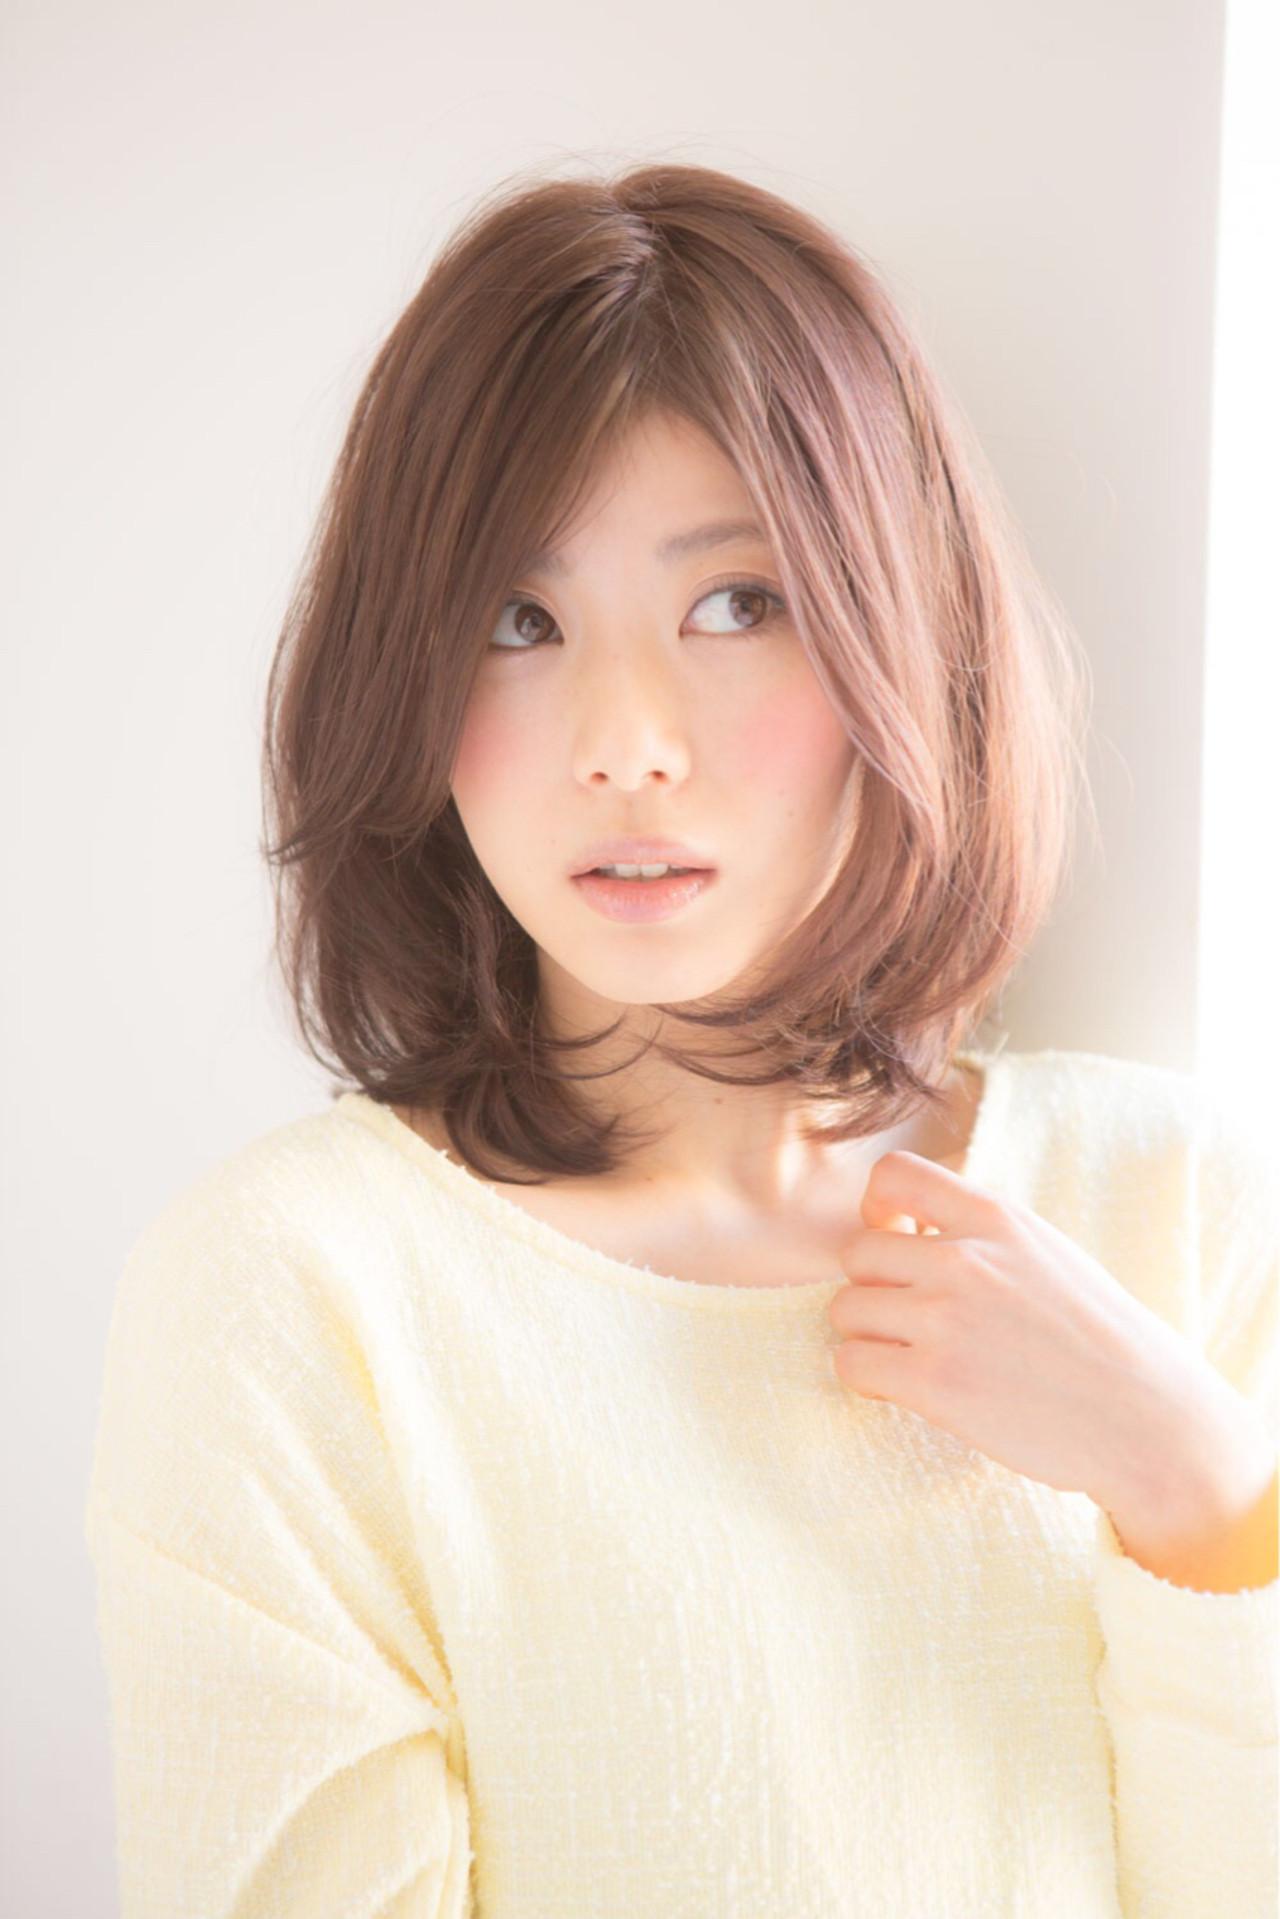 色気 ナチュラル ヘアアレンジ ミディアム ヘアスタイルや髪型の写真・画像